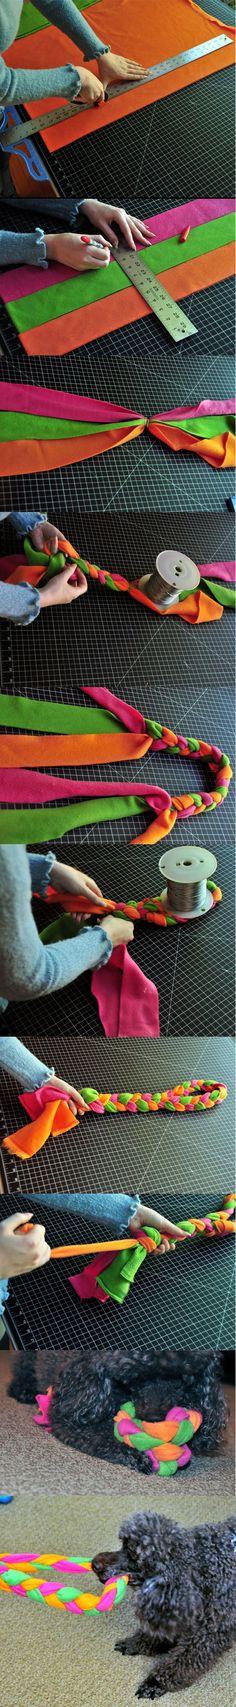 tela-juguete-mascota-muy-ingenioso-diy-1